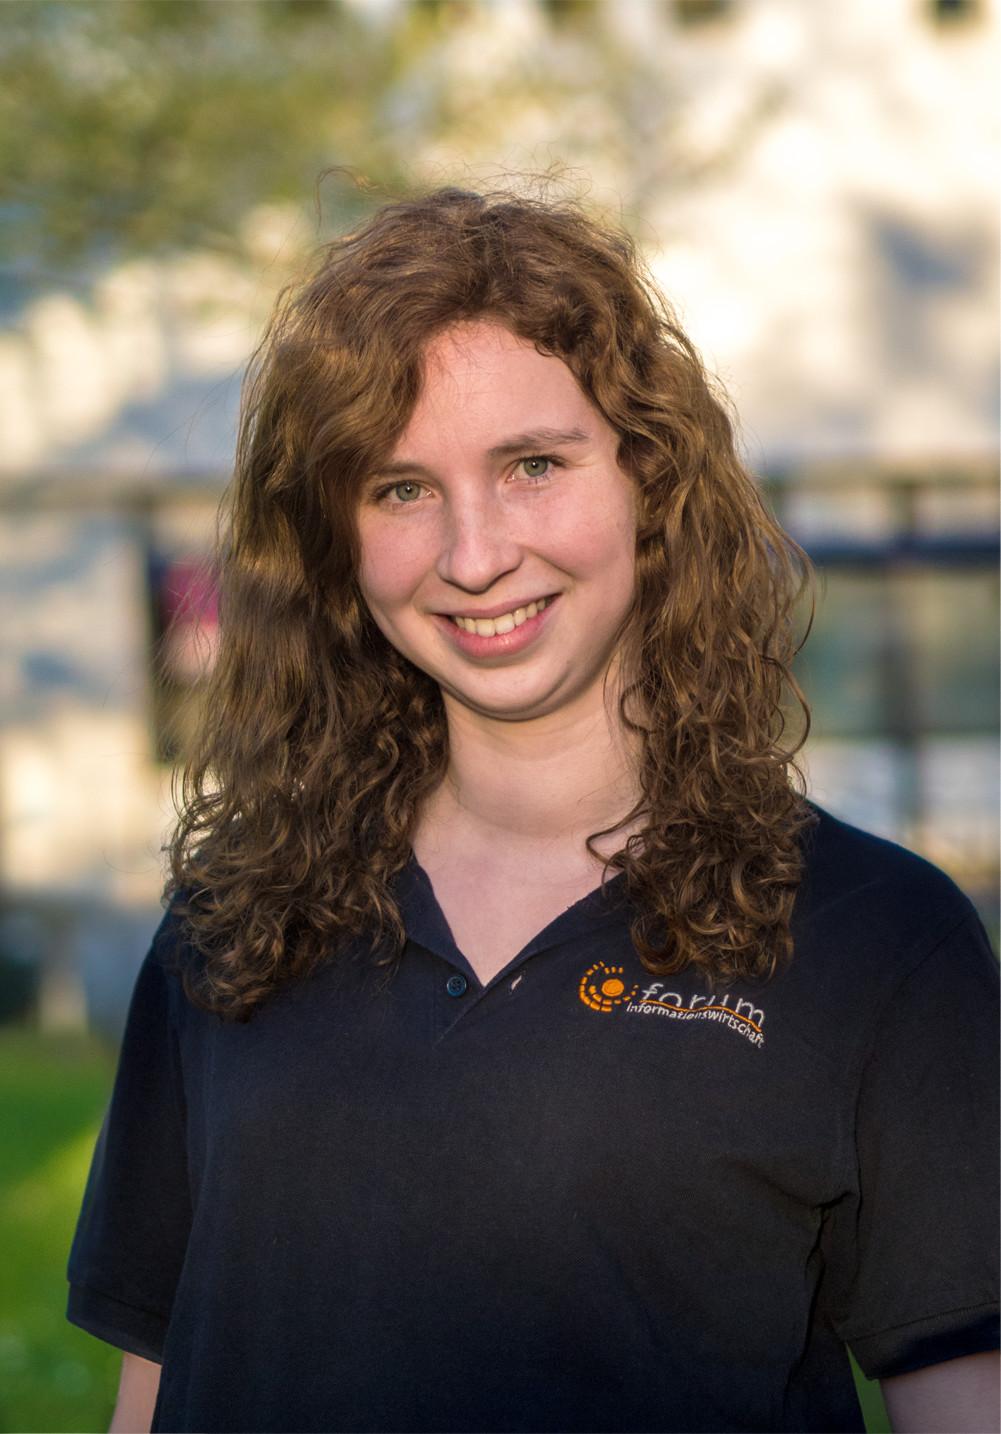 Jessica Ziegler